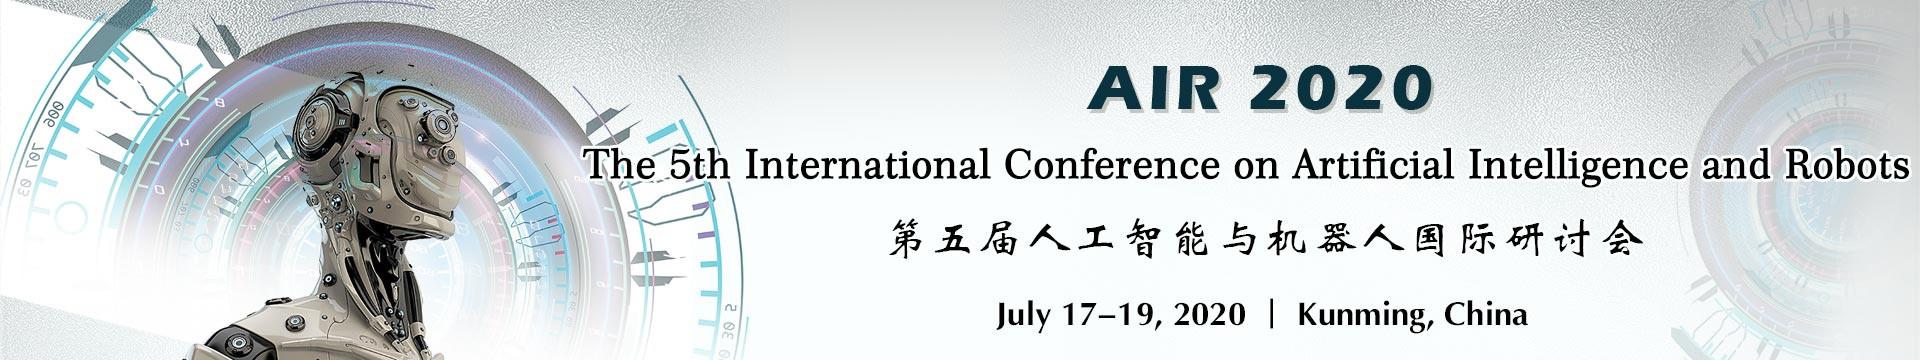 第五屆國際人工智能與機器人國際學術會議(AIR 2020)